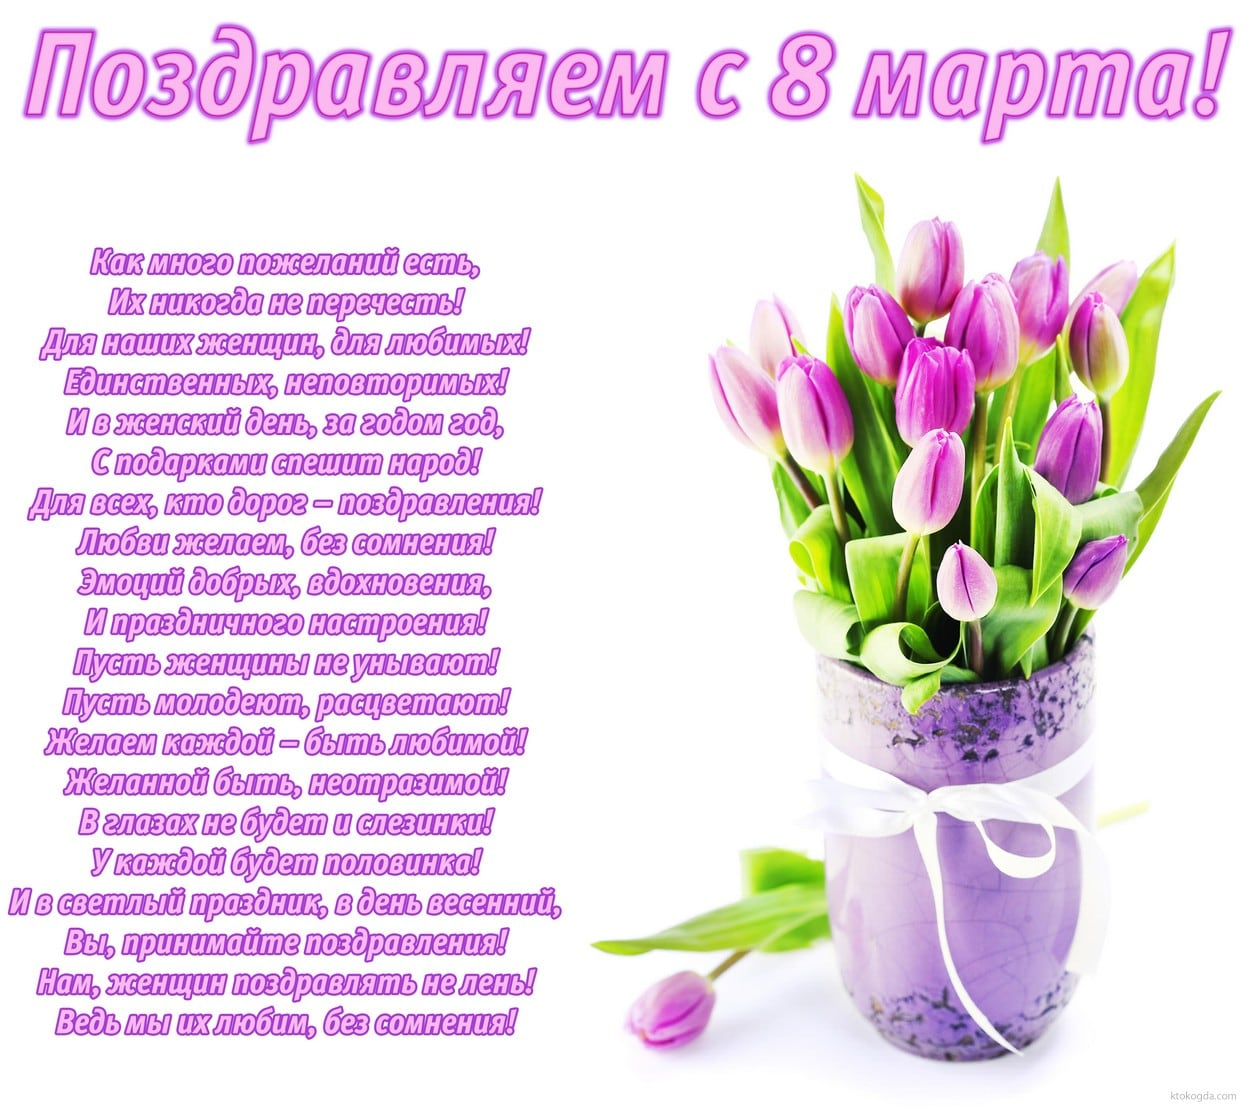 Красивое поздравление с женским днем 8 марта своими словами женщине